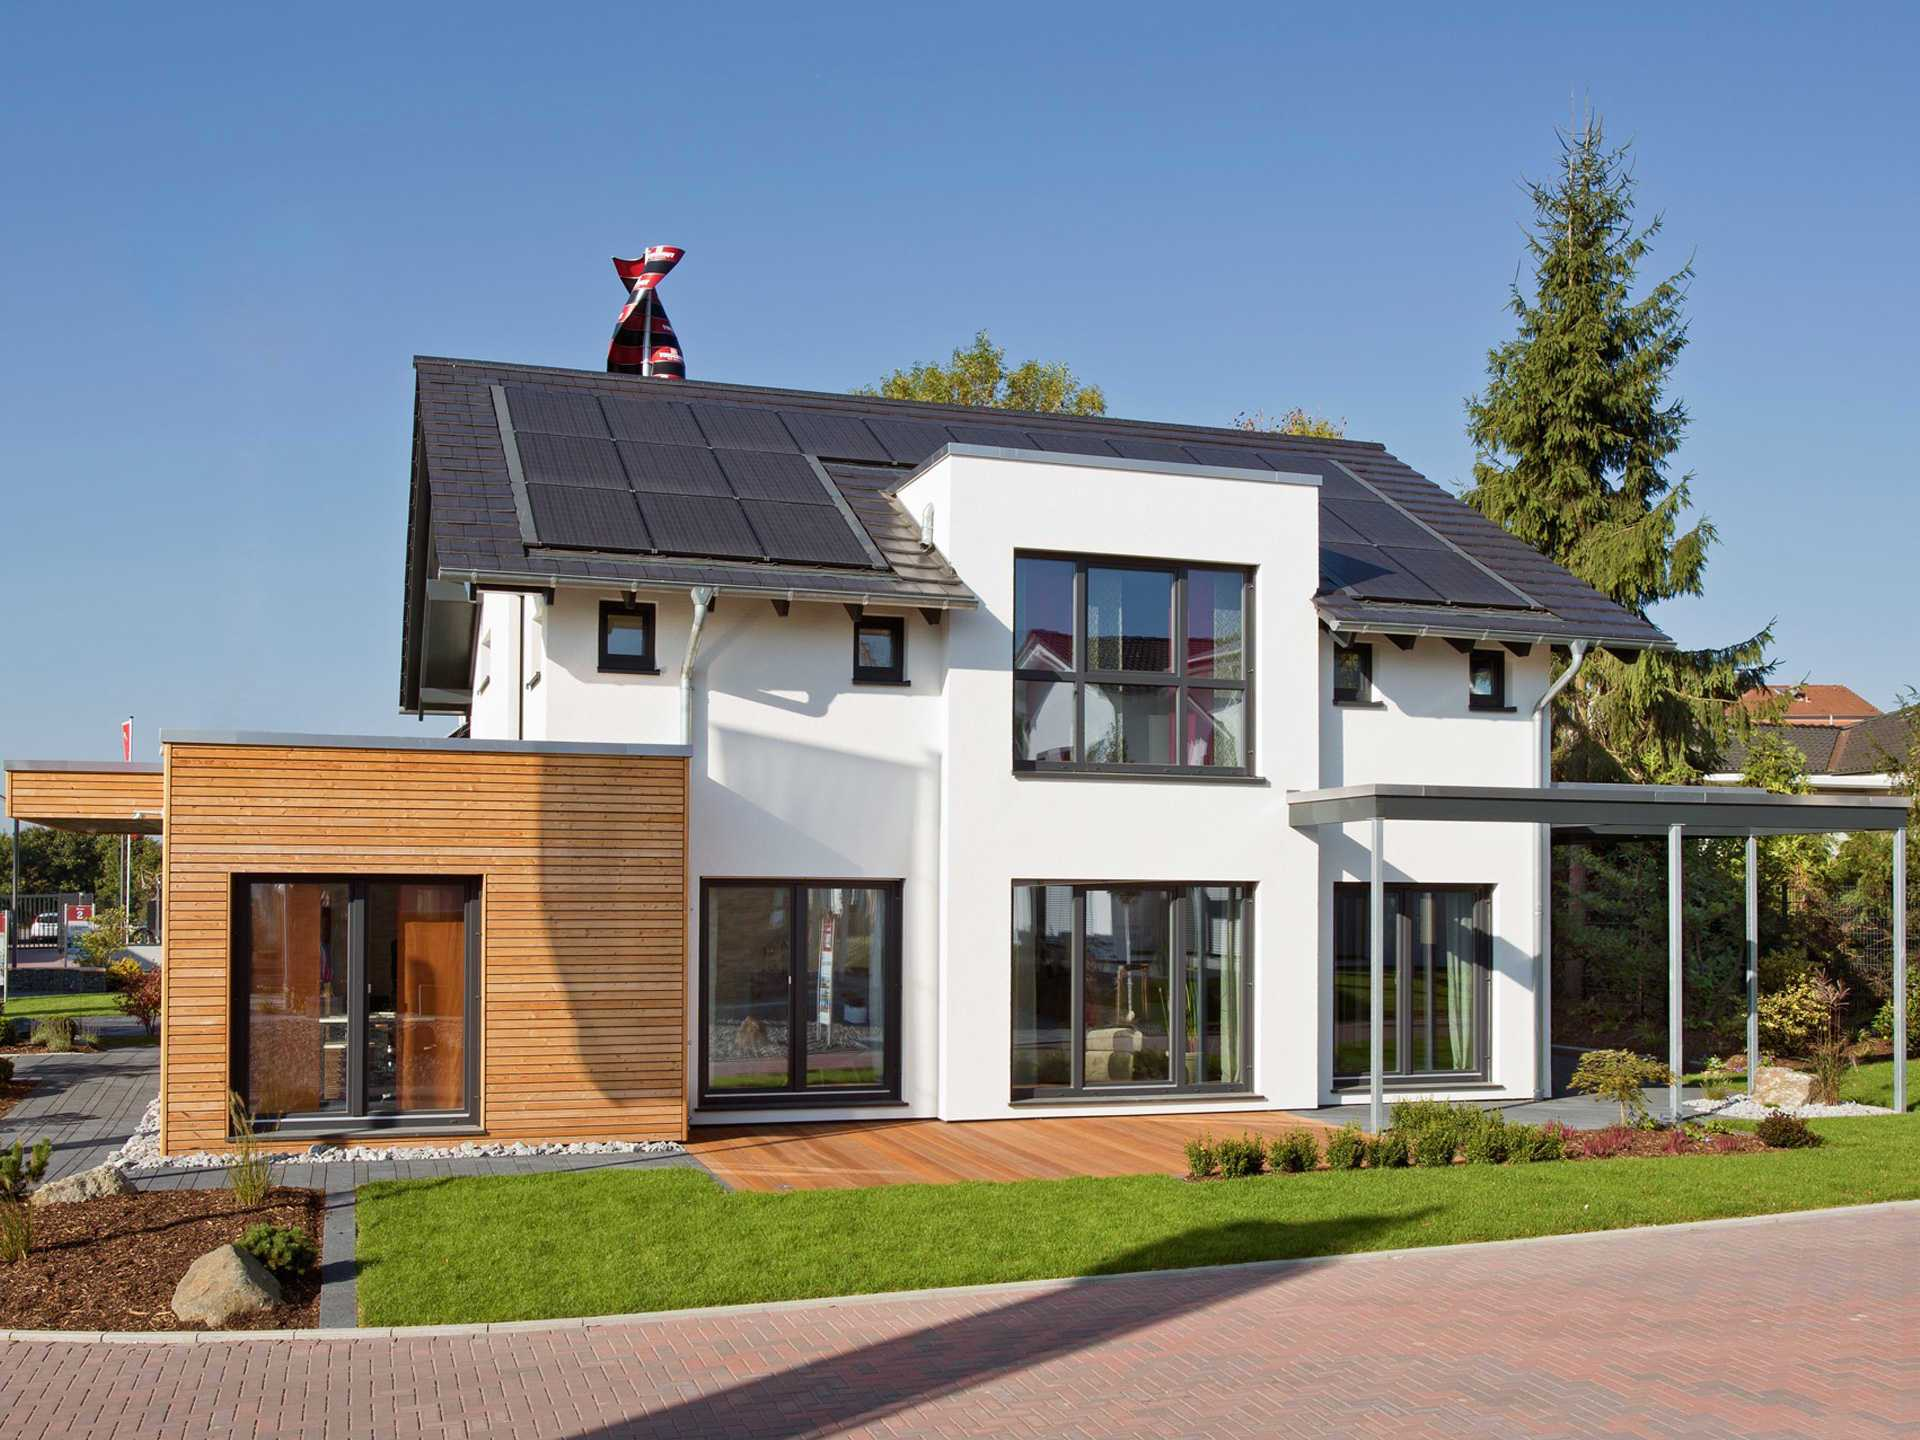 Einfamilienhaus R 140.20